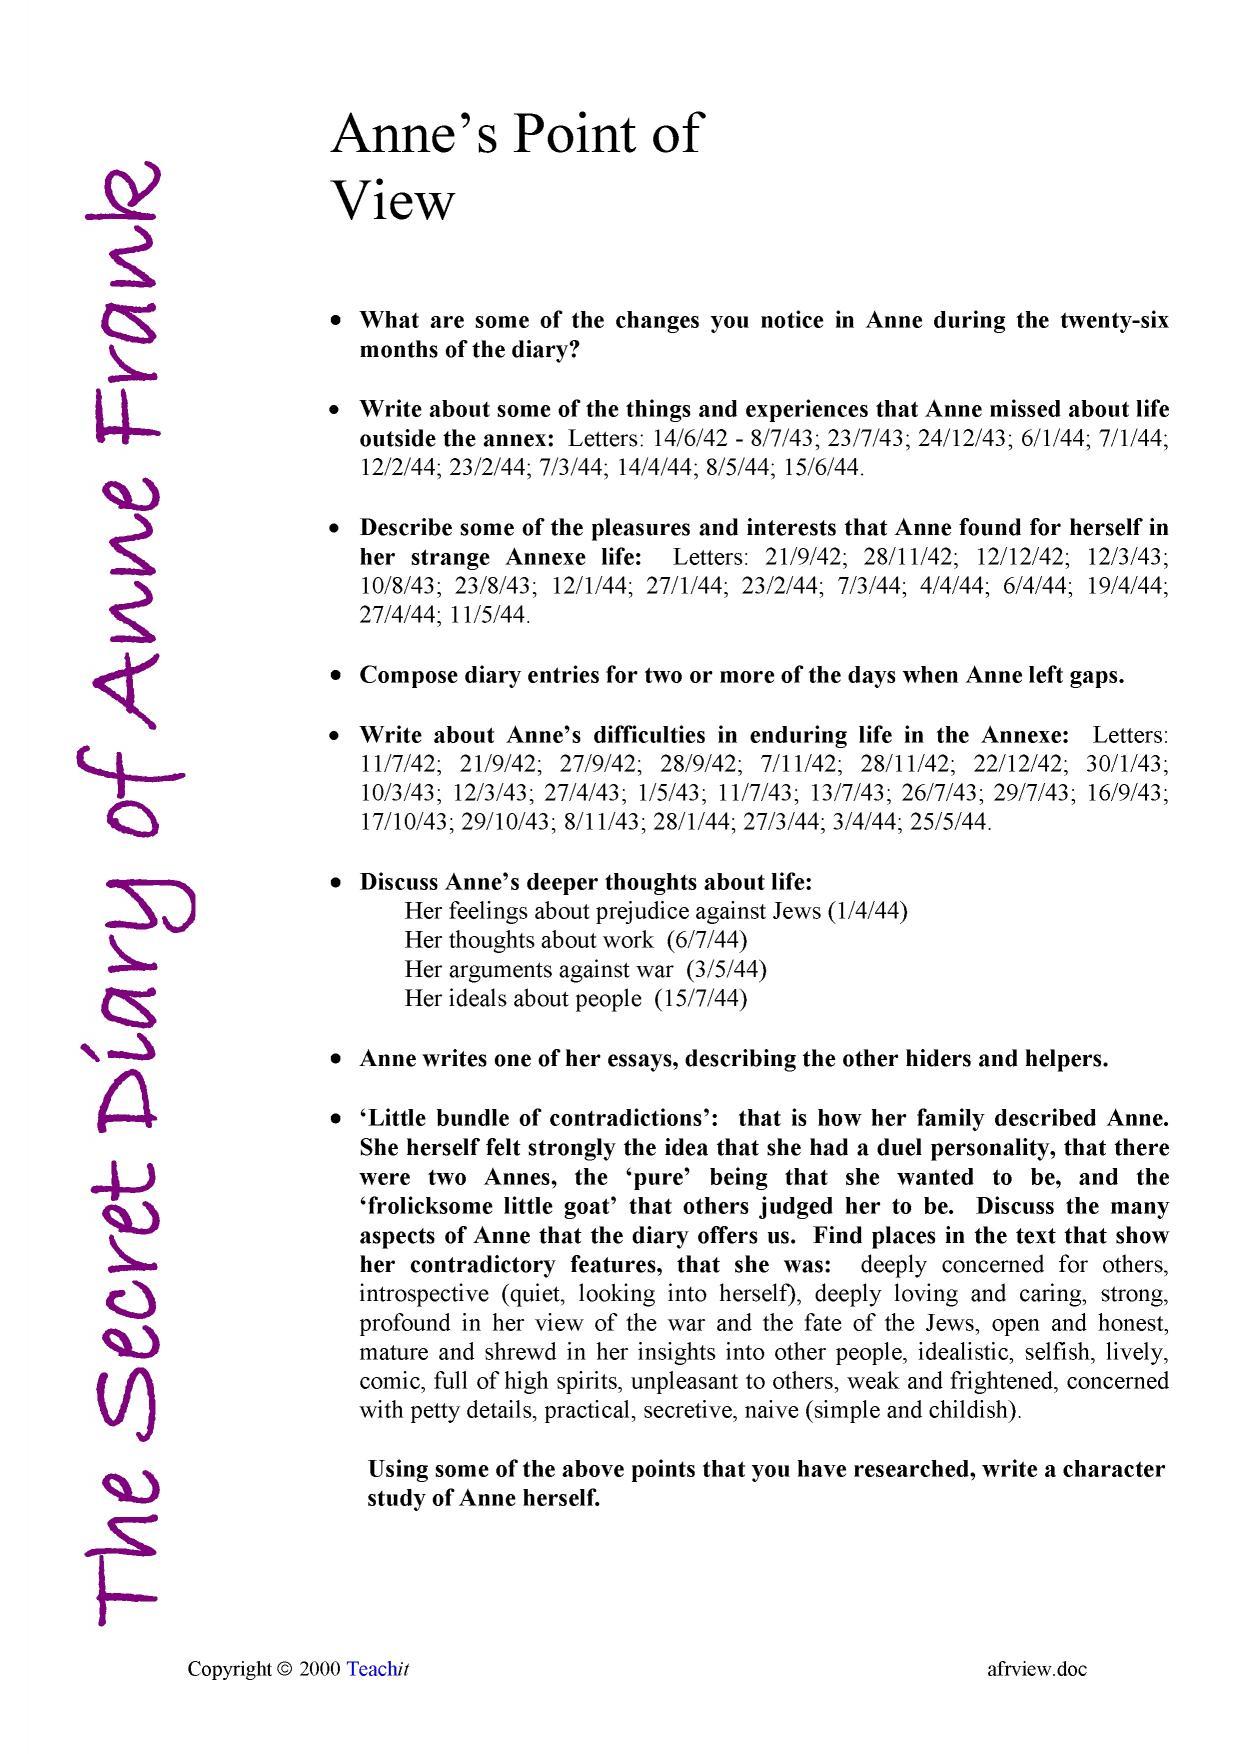 Stormbreaker Worksheet